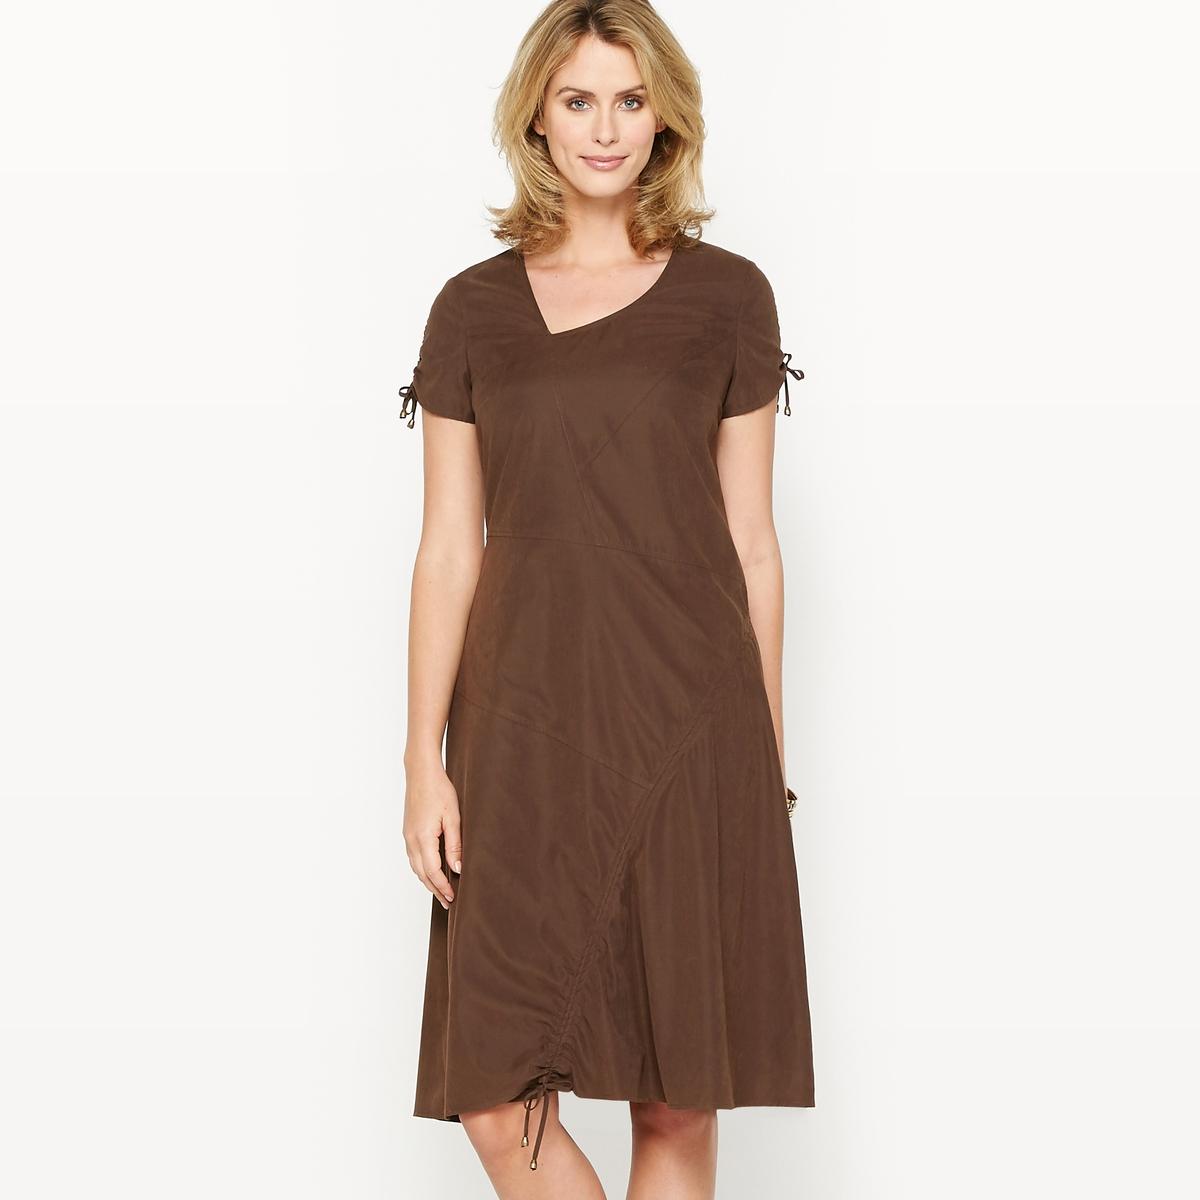 Платье из микрофибры, на ощупь напоминающее кожу персикаСостав и описание :Материал : Микрофибра 90% полиэстера, 10% полиамида, шелковистая ткань с эффектом кожи персика .Подкладка    : 100% полиэстер.Длина 105 см.Марка : Anne Weyburn. Уход :Машинная стирка при 30° на умеренном режиме, с изнанки, с одеждой подобного цвета.Гладить при низкой температуре с изнаночной стороны.<br><br>Цвет: каштановый<br>Размер: 42 (FR) - 48 (RUS).44 (FR) - 50 (RUS).46 (FR) - 52 (RUS).48 (FR) - 54 (RUS).50 (FR) - 56 (RUS).38 (FR) - 44 (RUS).40 (FR) - 46 (RUS)